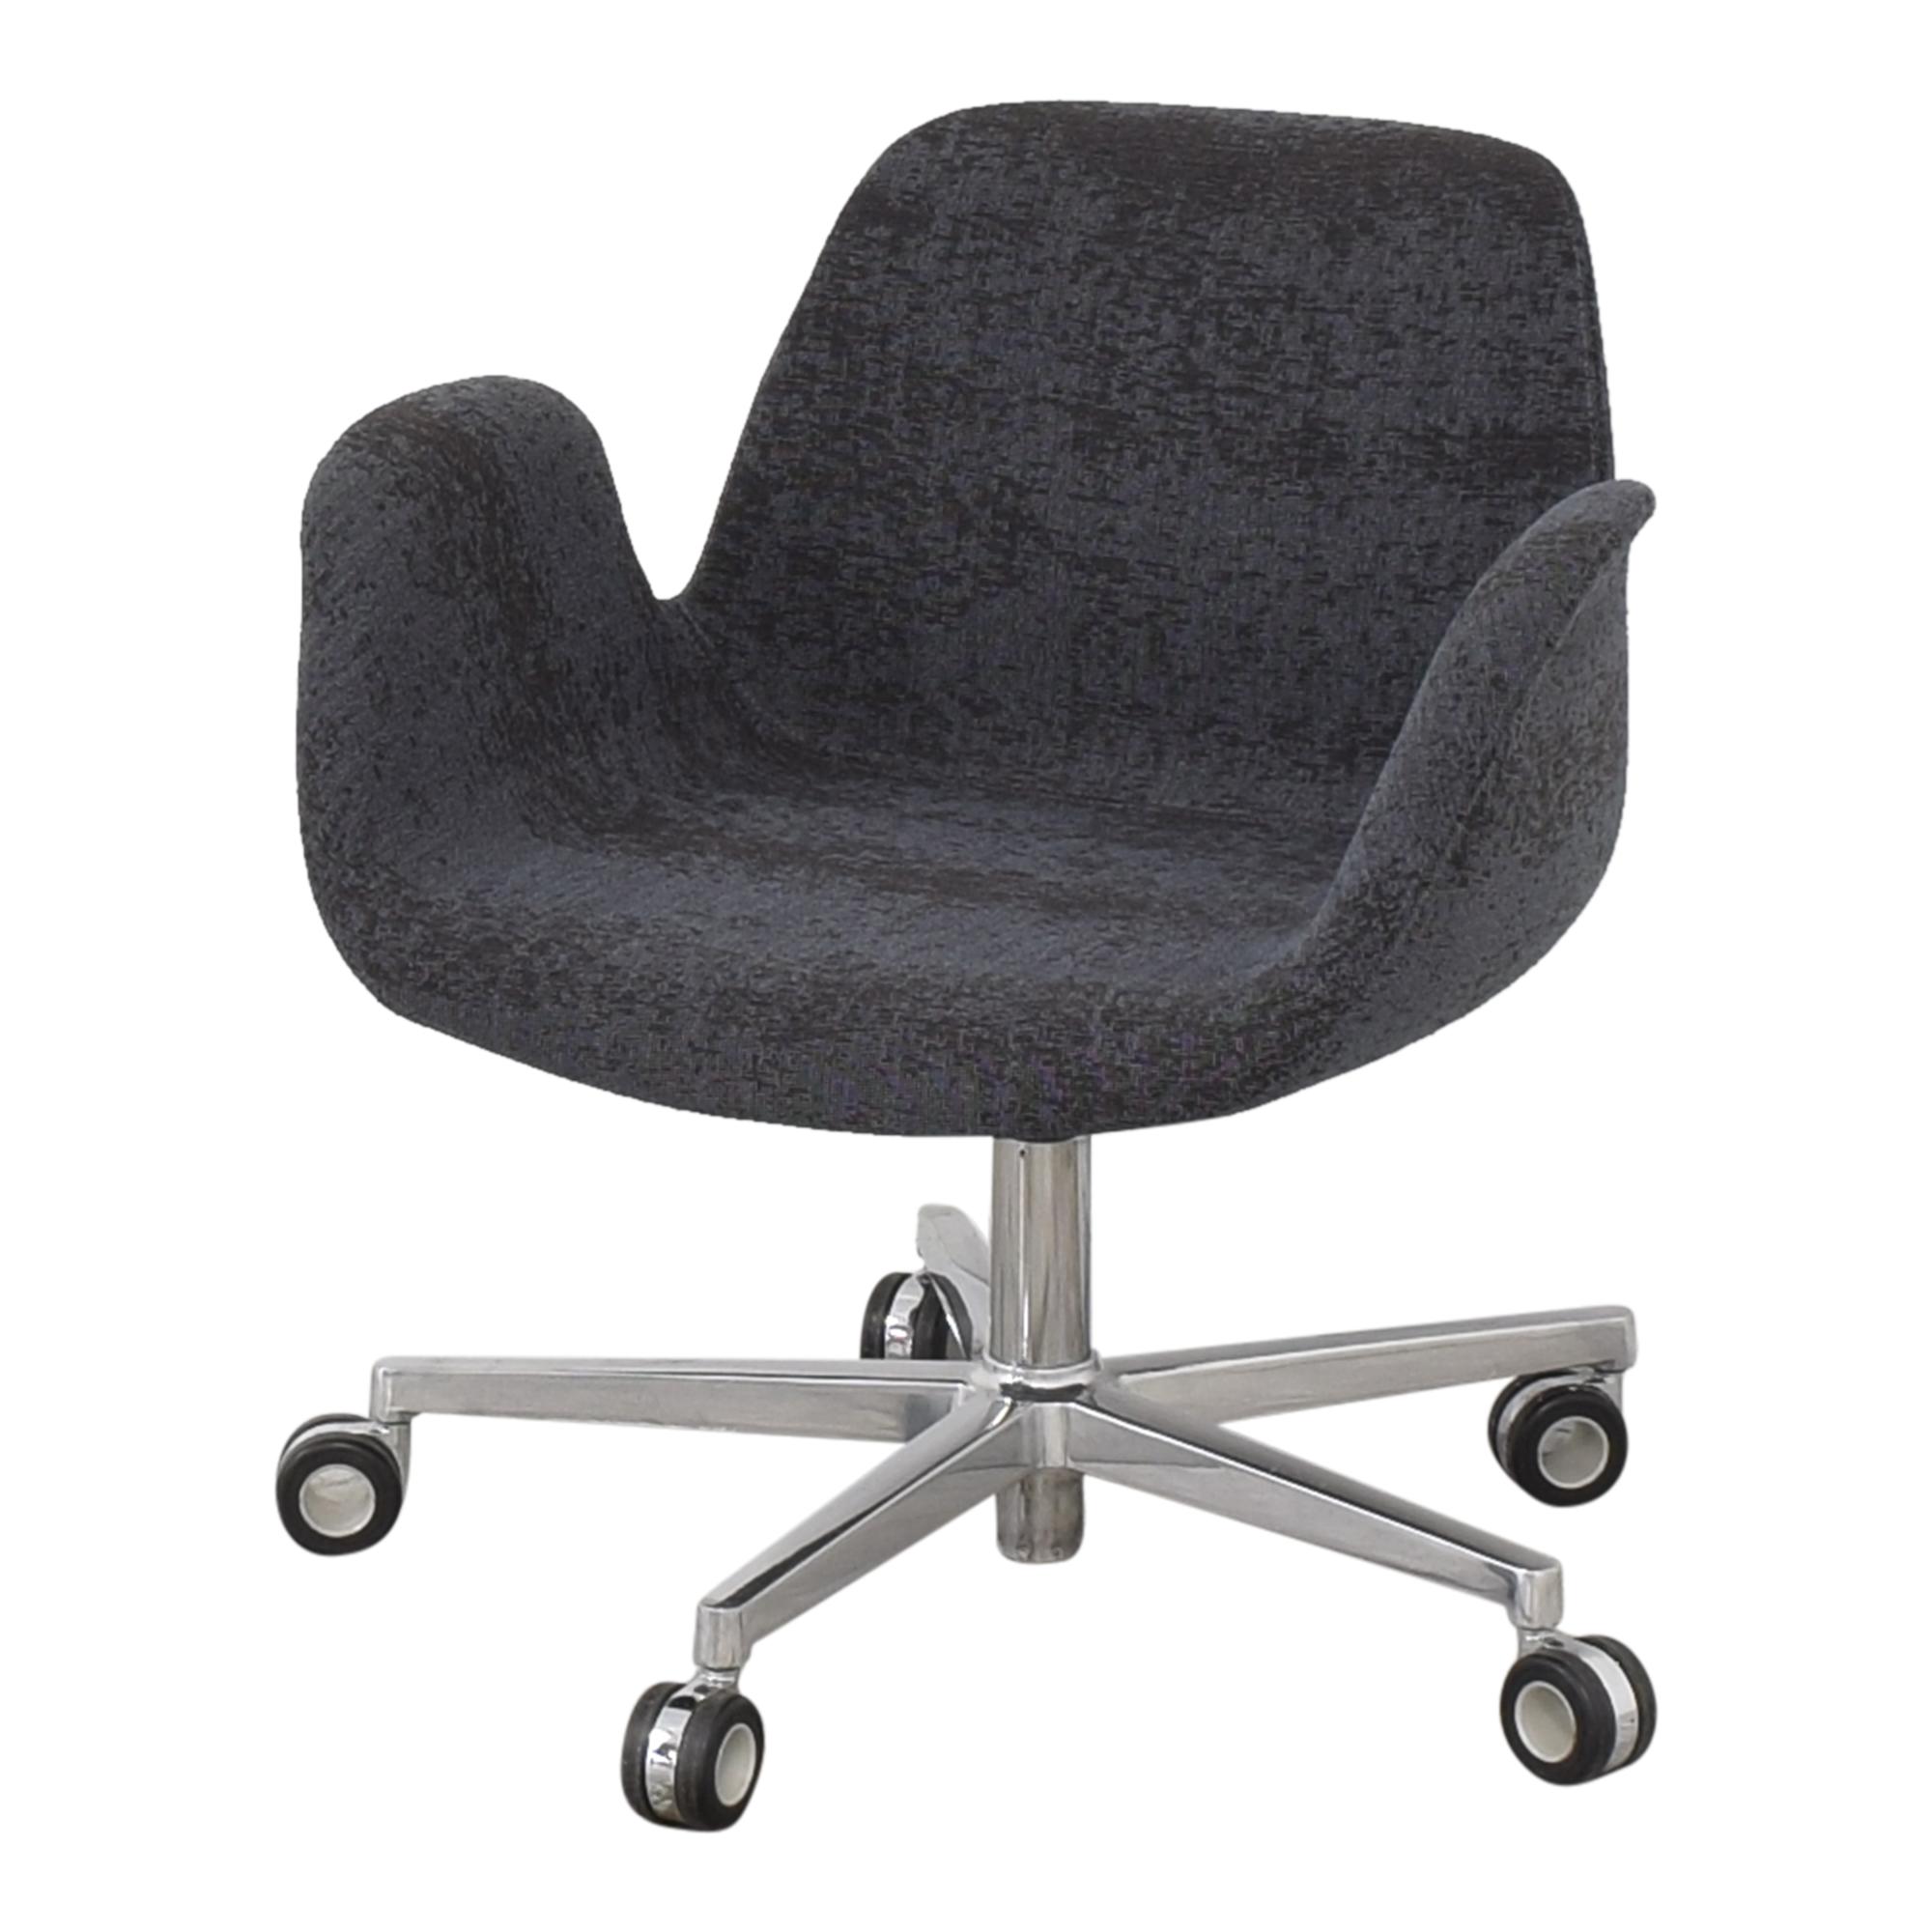 Koleksiyon Koleksiyon Halia Operator Chair dimensions